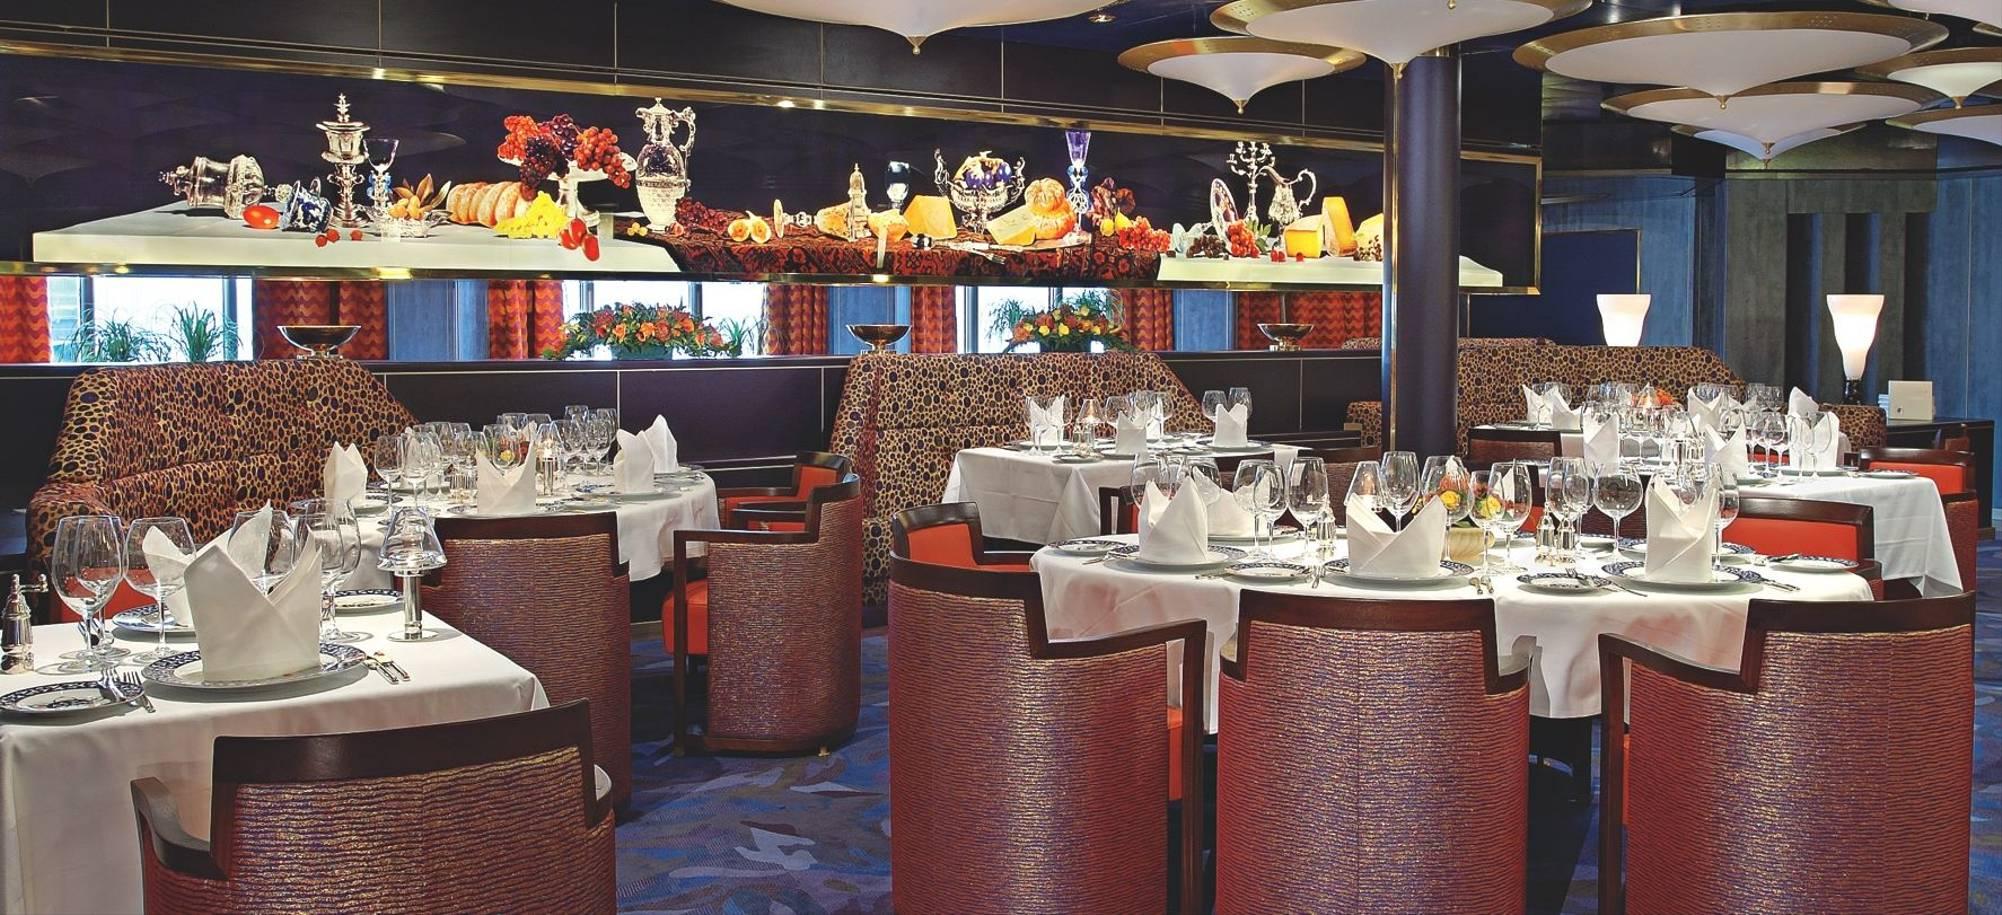 8 Day - At sea, Pinnacle Grill - Itinerary Desktop.jpg